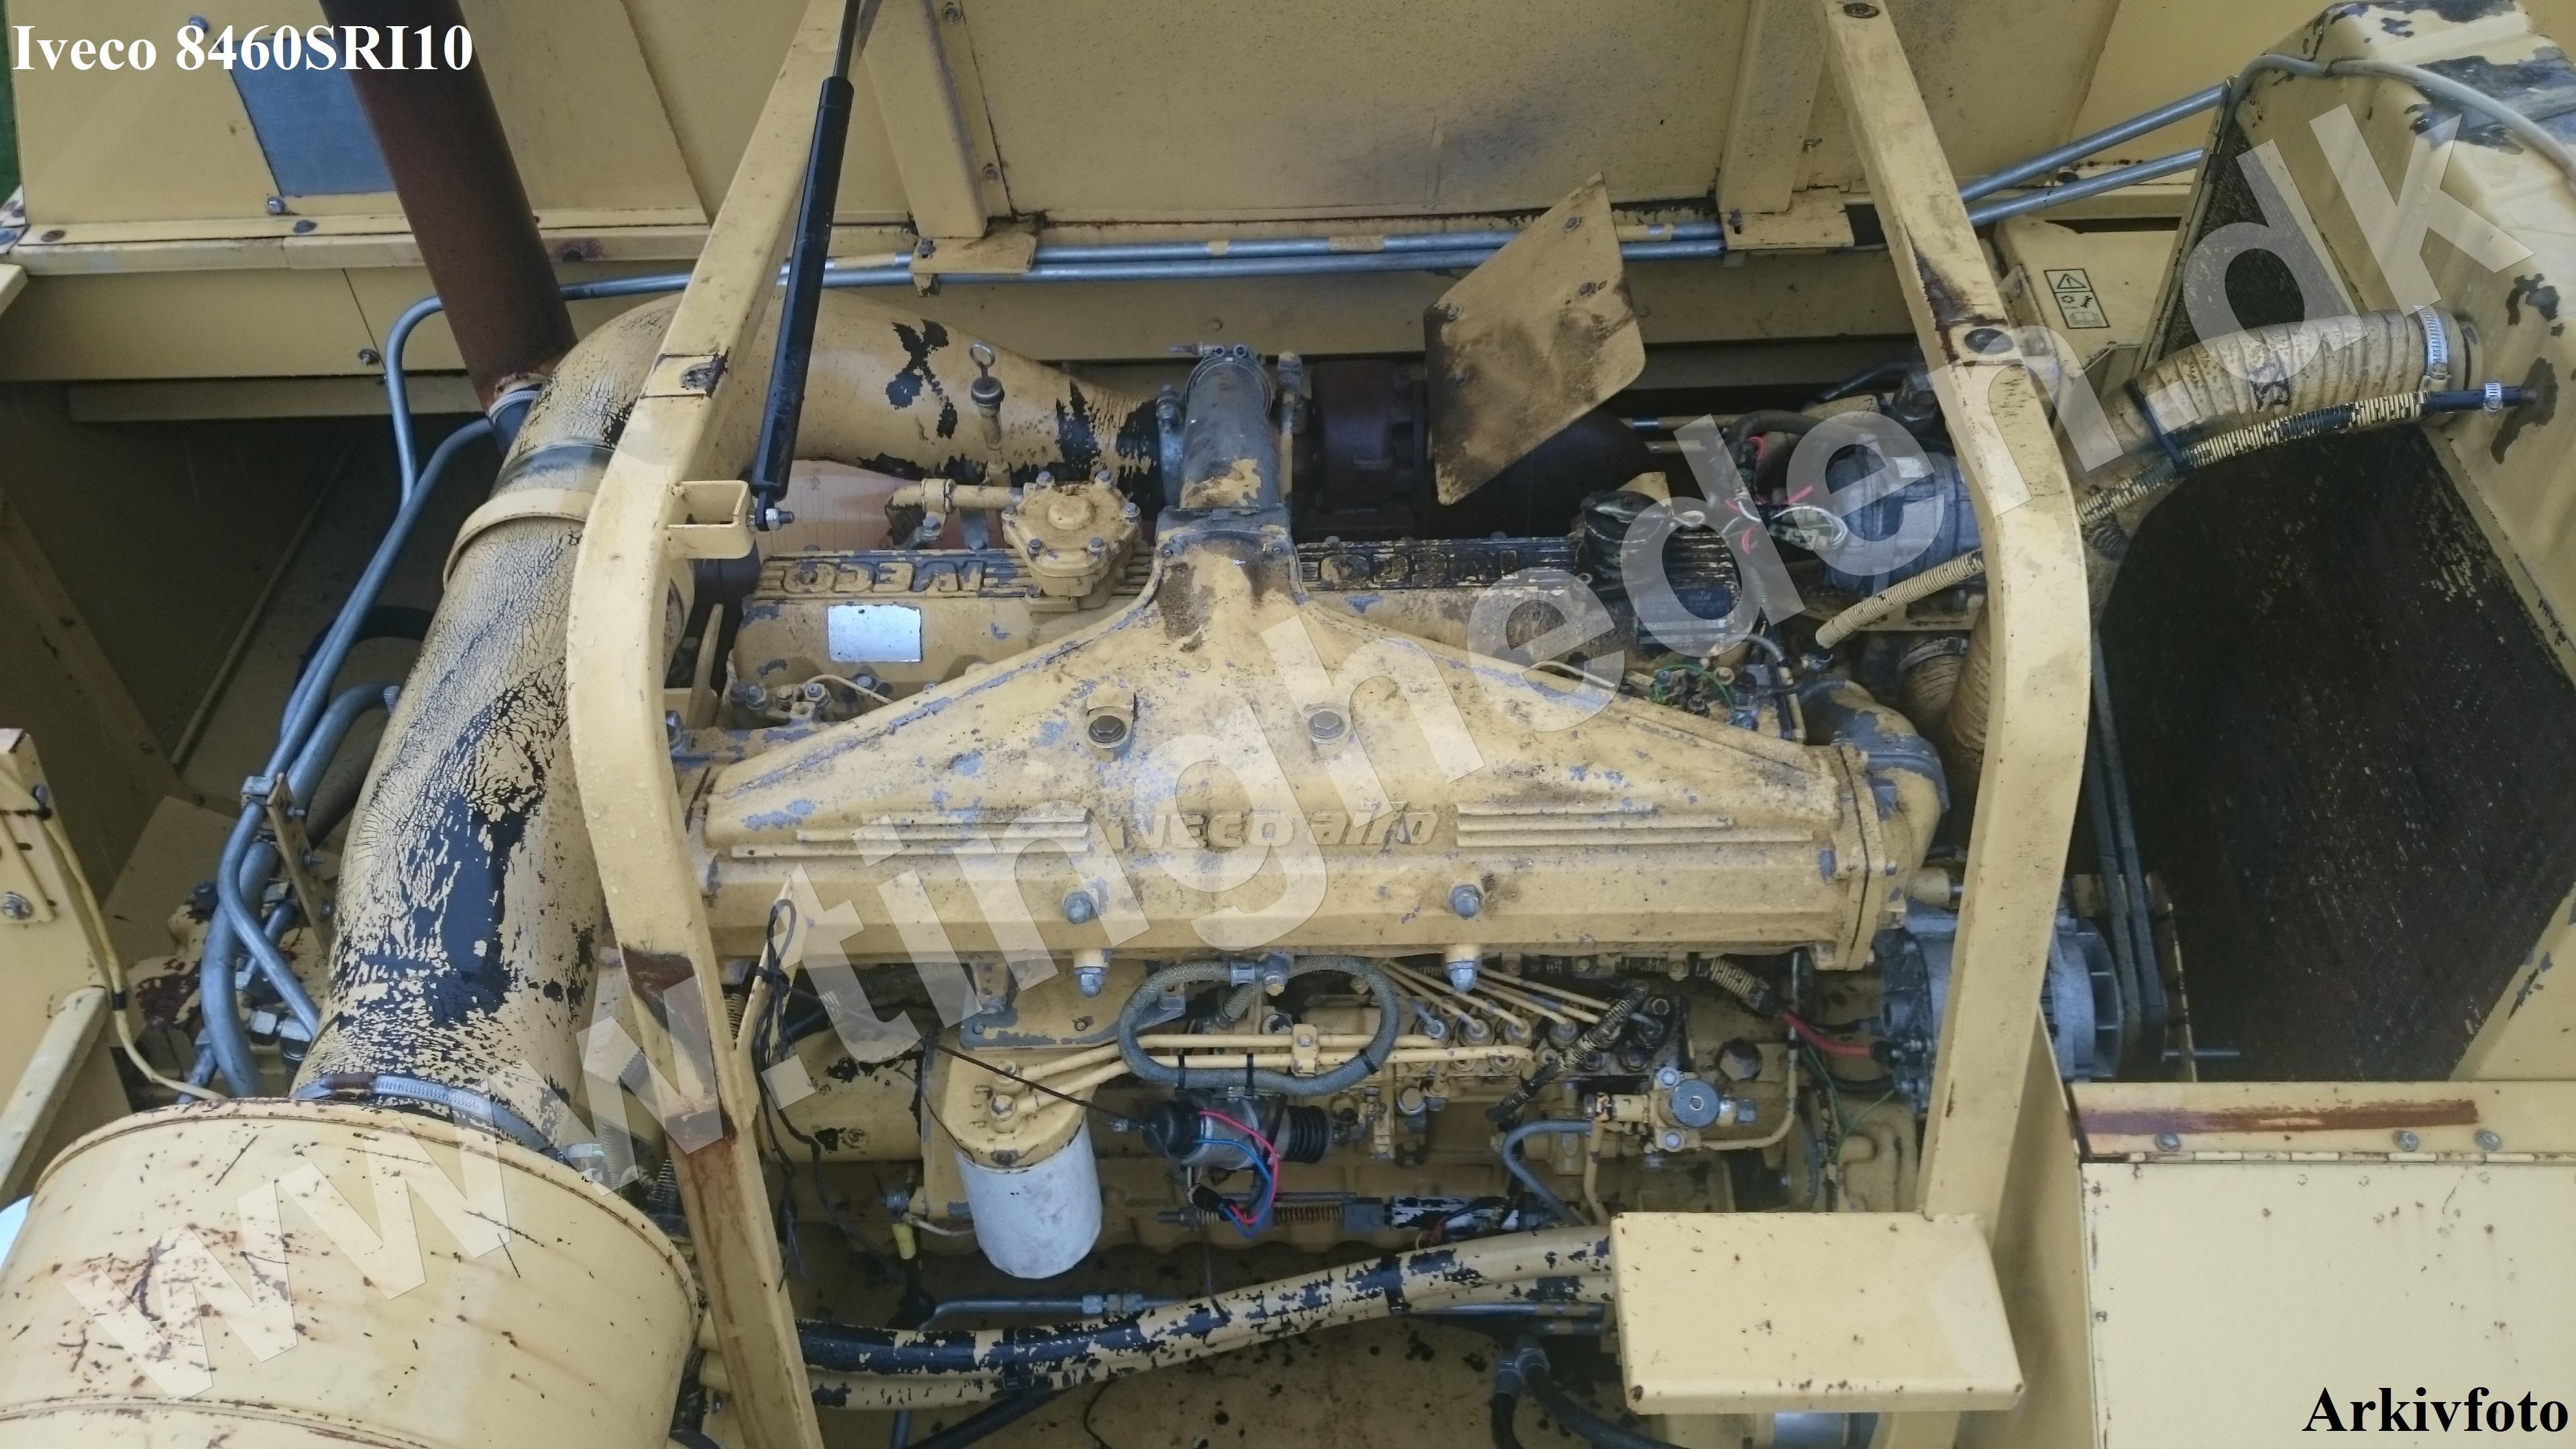 Iveco 8460 SRI10